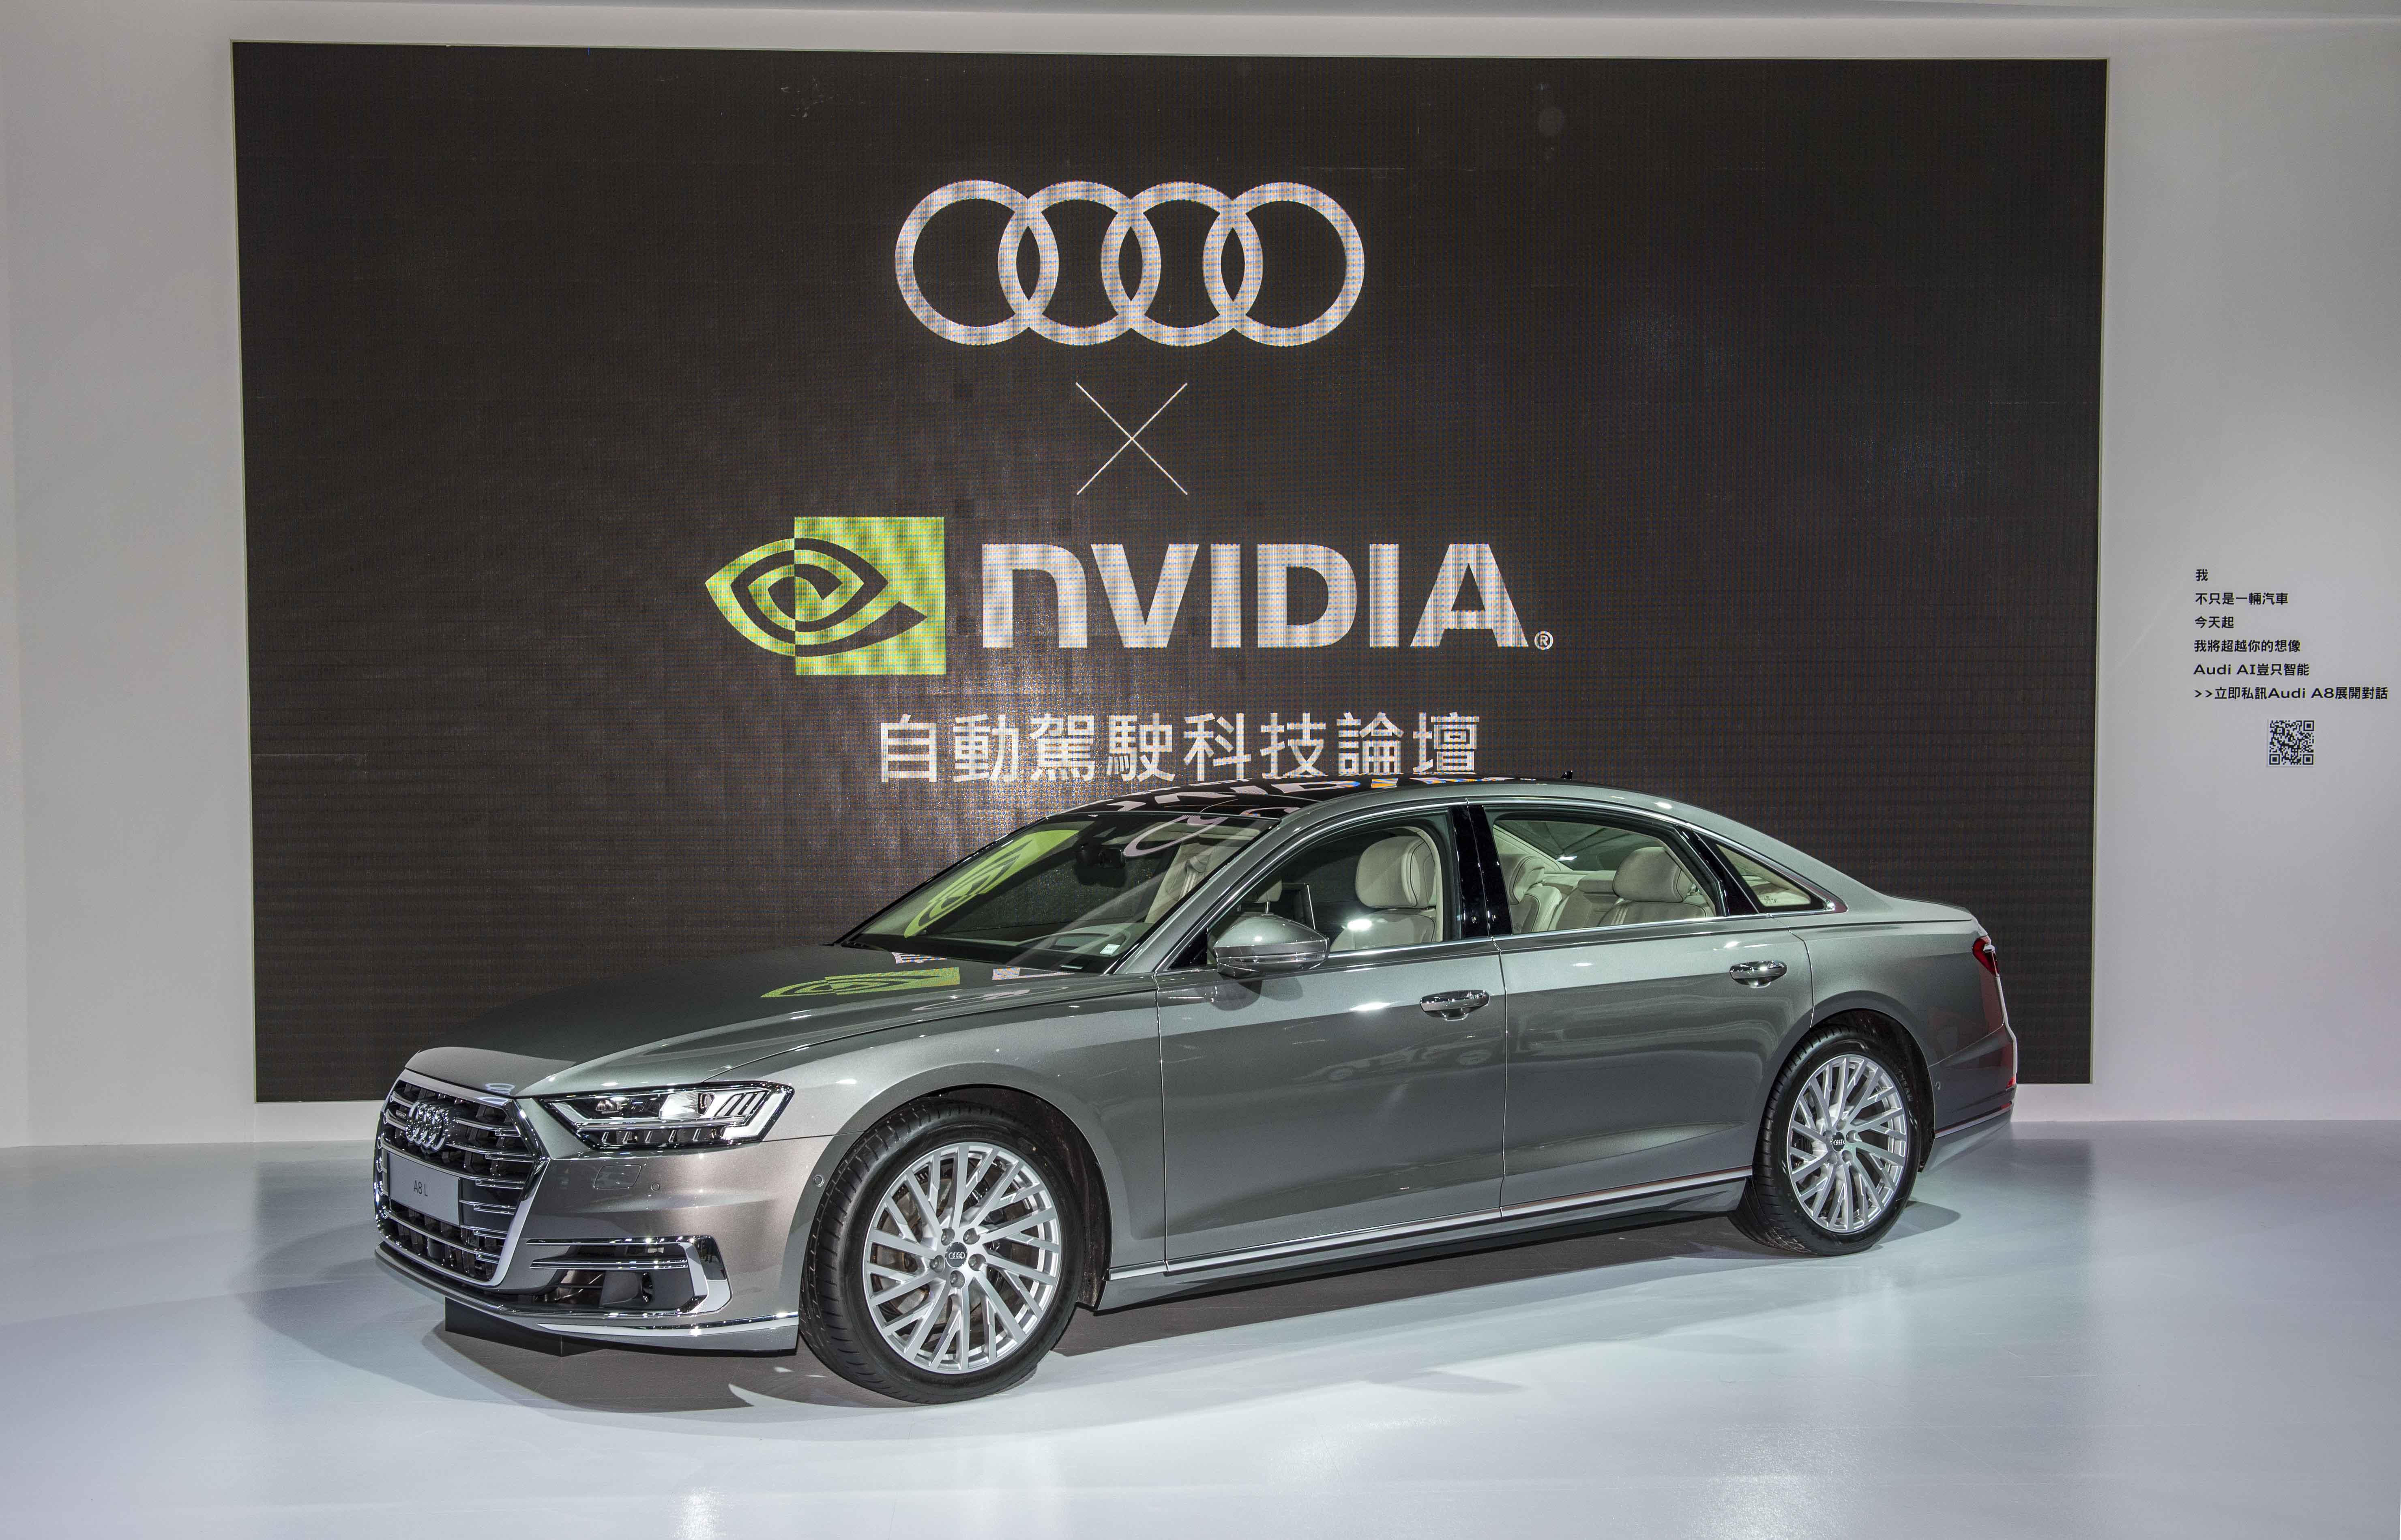 Audi與NVIDIA十年的研發實力,為車用科技揭開新篇章